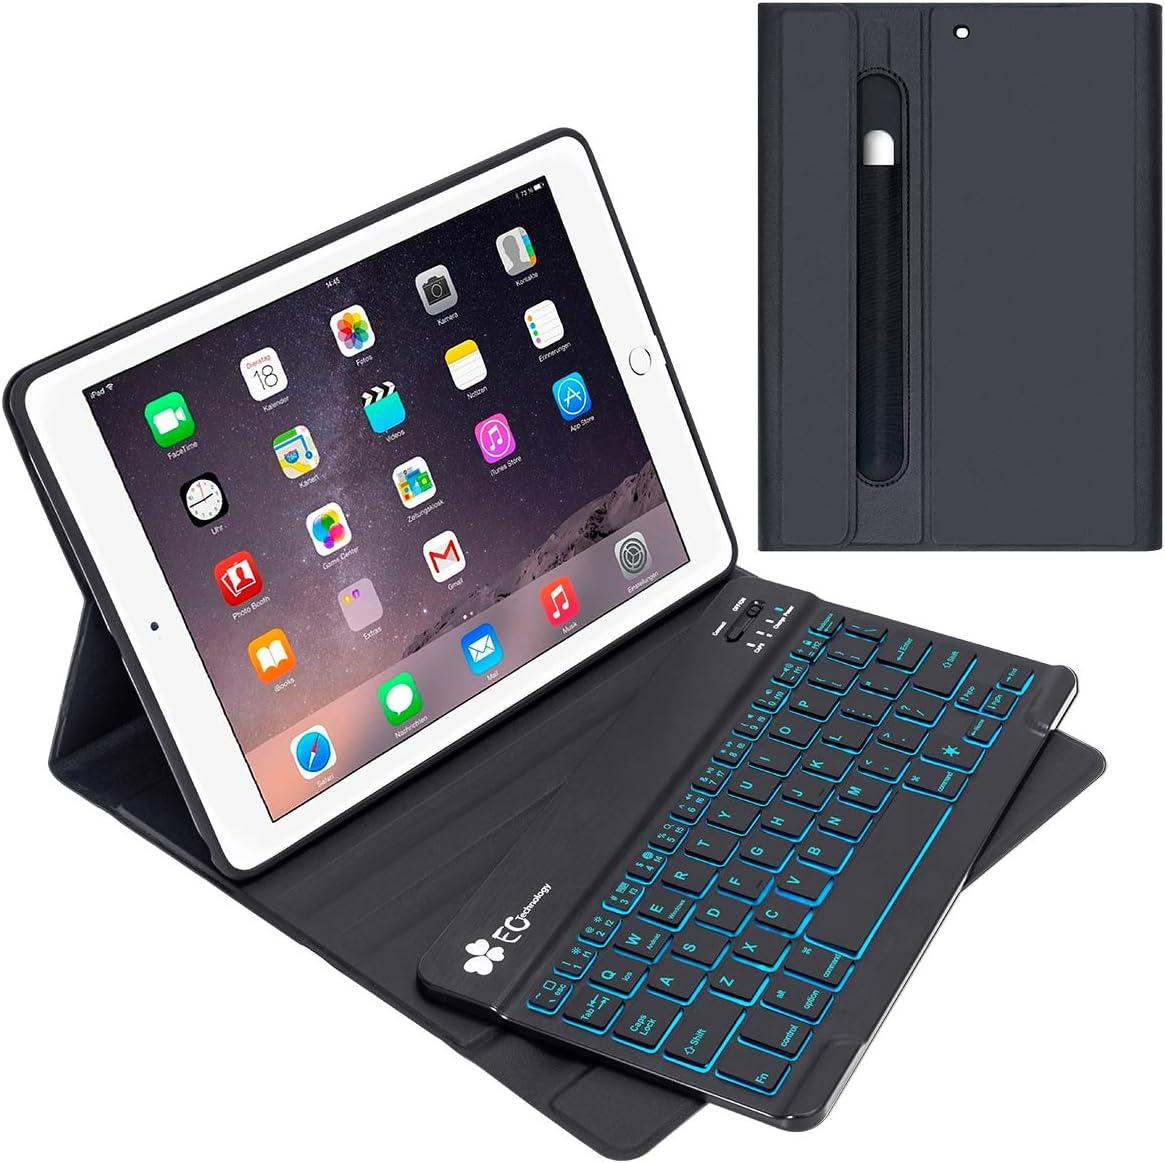 iPad Keyboard Case 9.7 for iPad 2018 (6th Gen) - iPad 2017 (5th Gen) - iPad Pro 9.7 - iPad Air 2 & 1,EC Technology Detachable Wireless/BT - Backlit 7 Color - Magnetic Auto Sleep/Wake